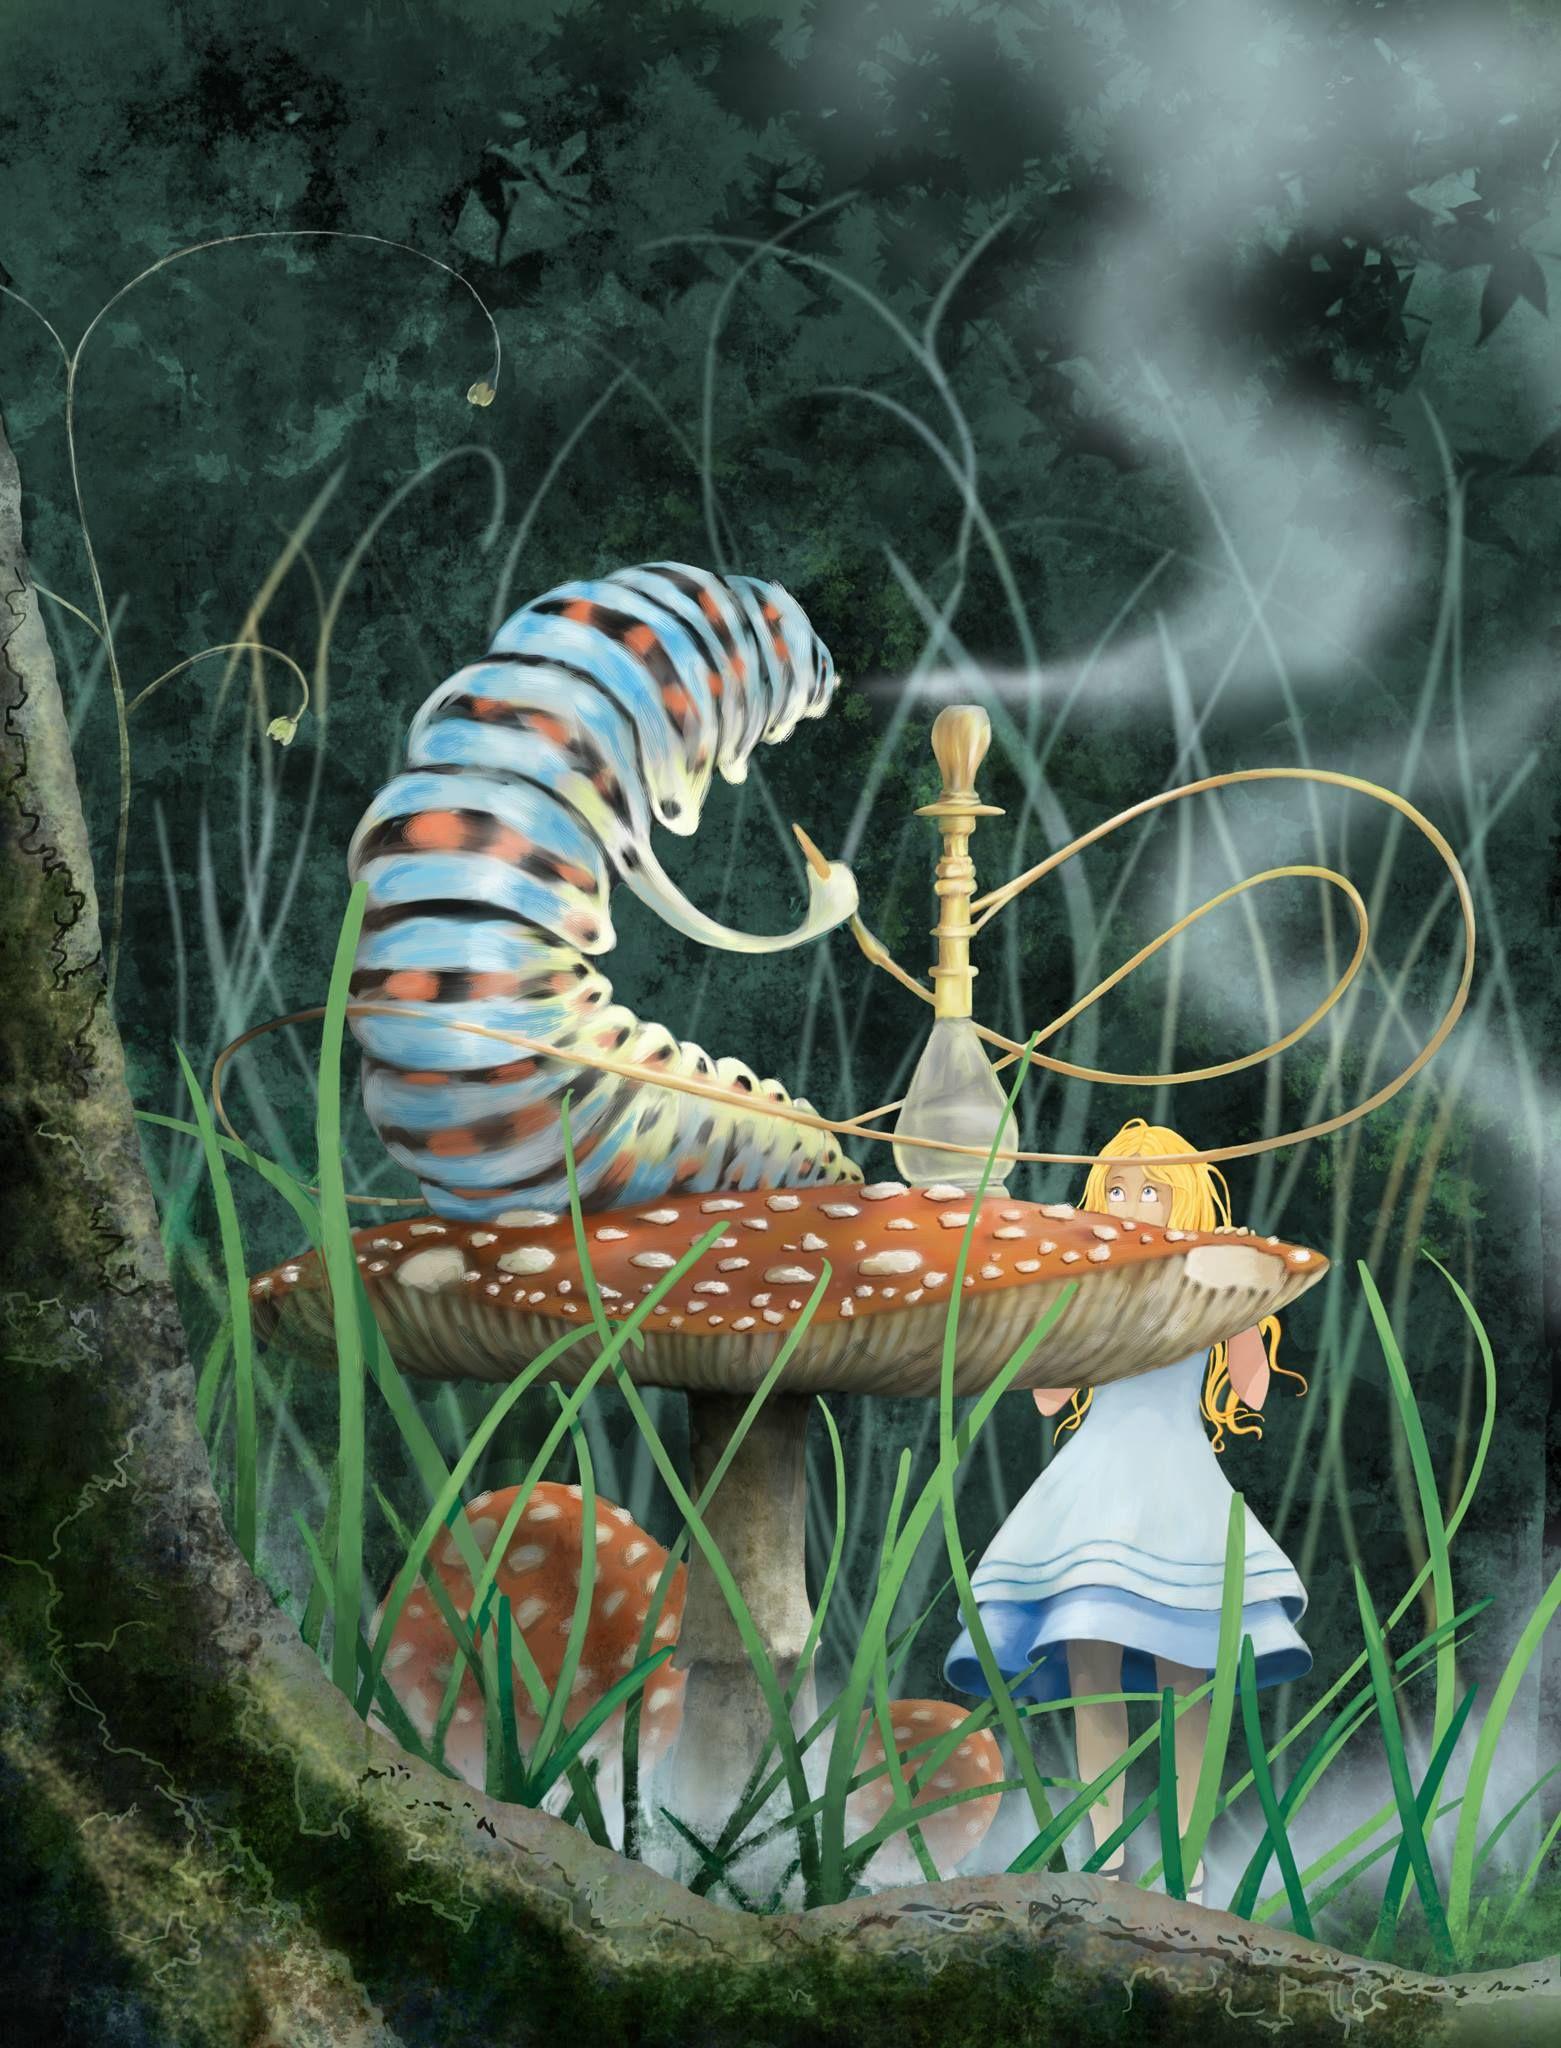 Alice in wonderland cheshire cat costume ideas-4057